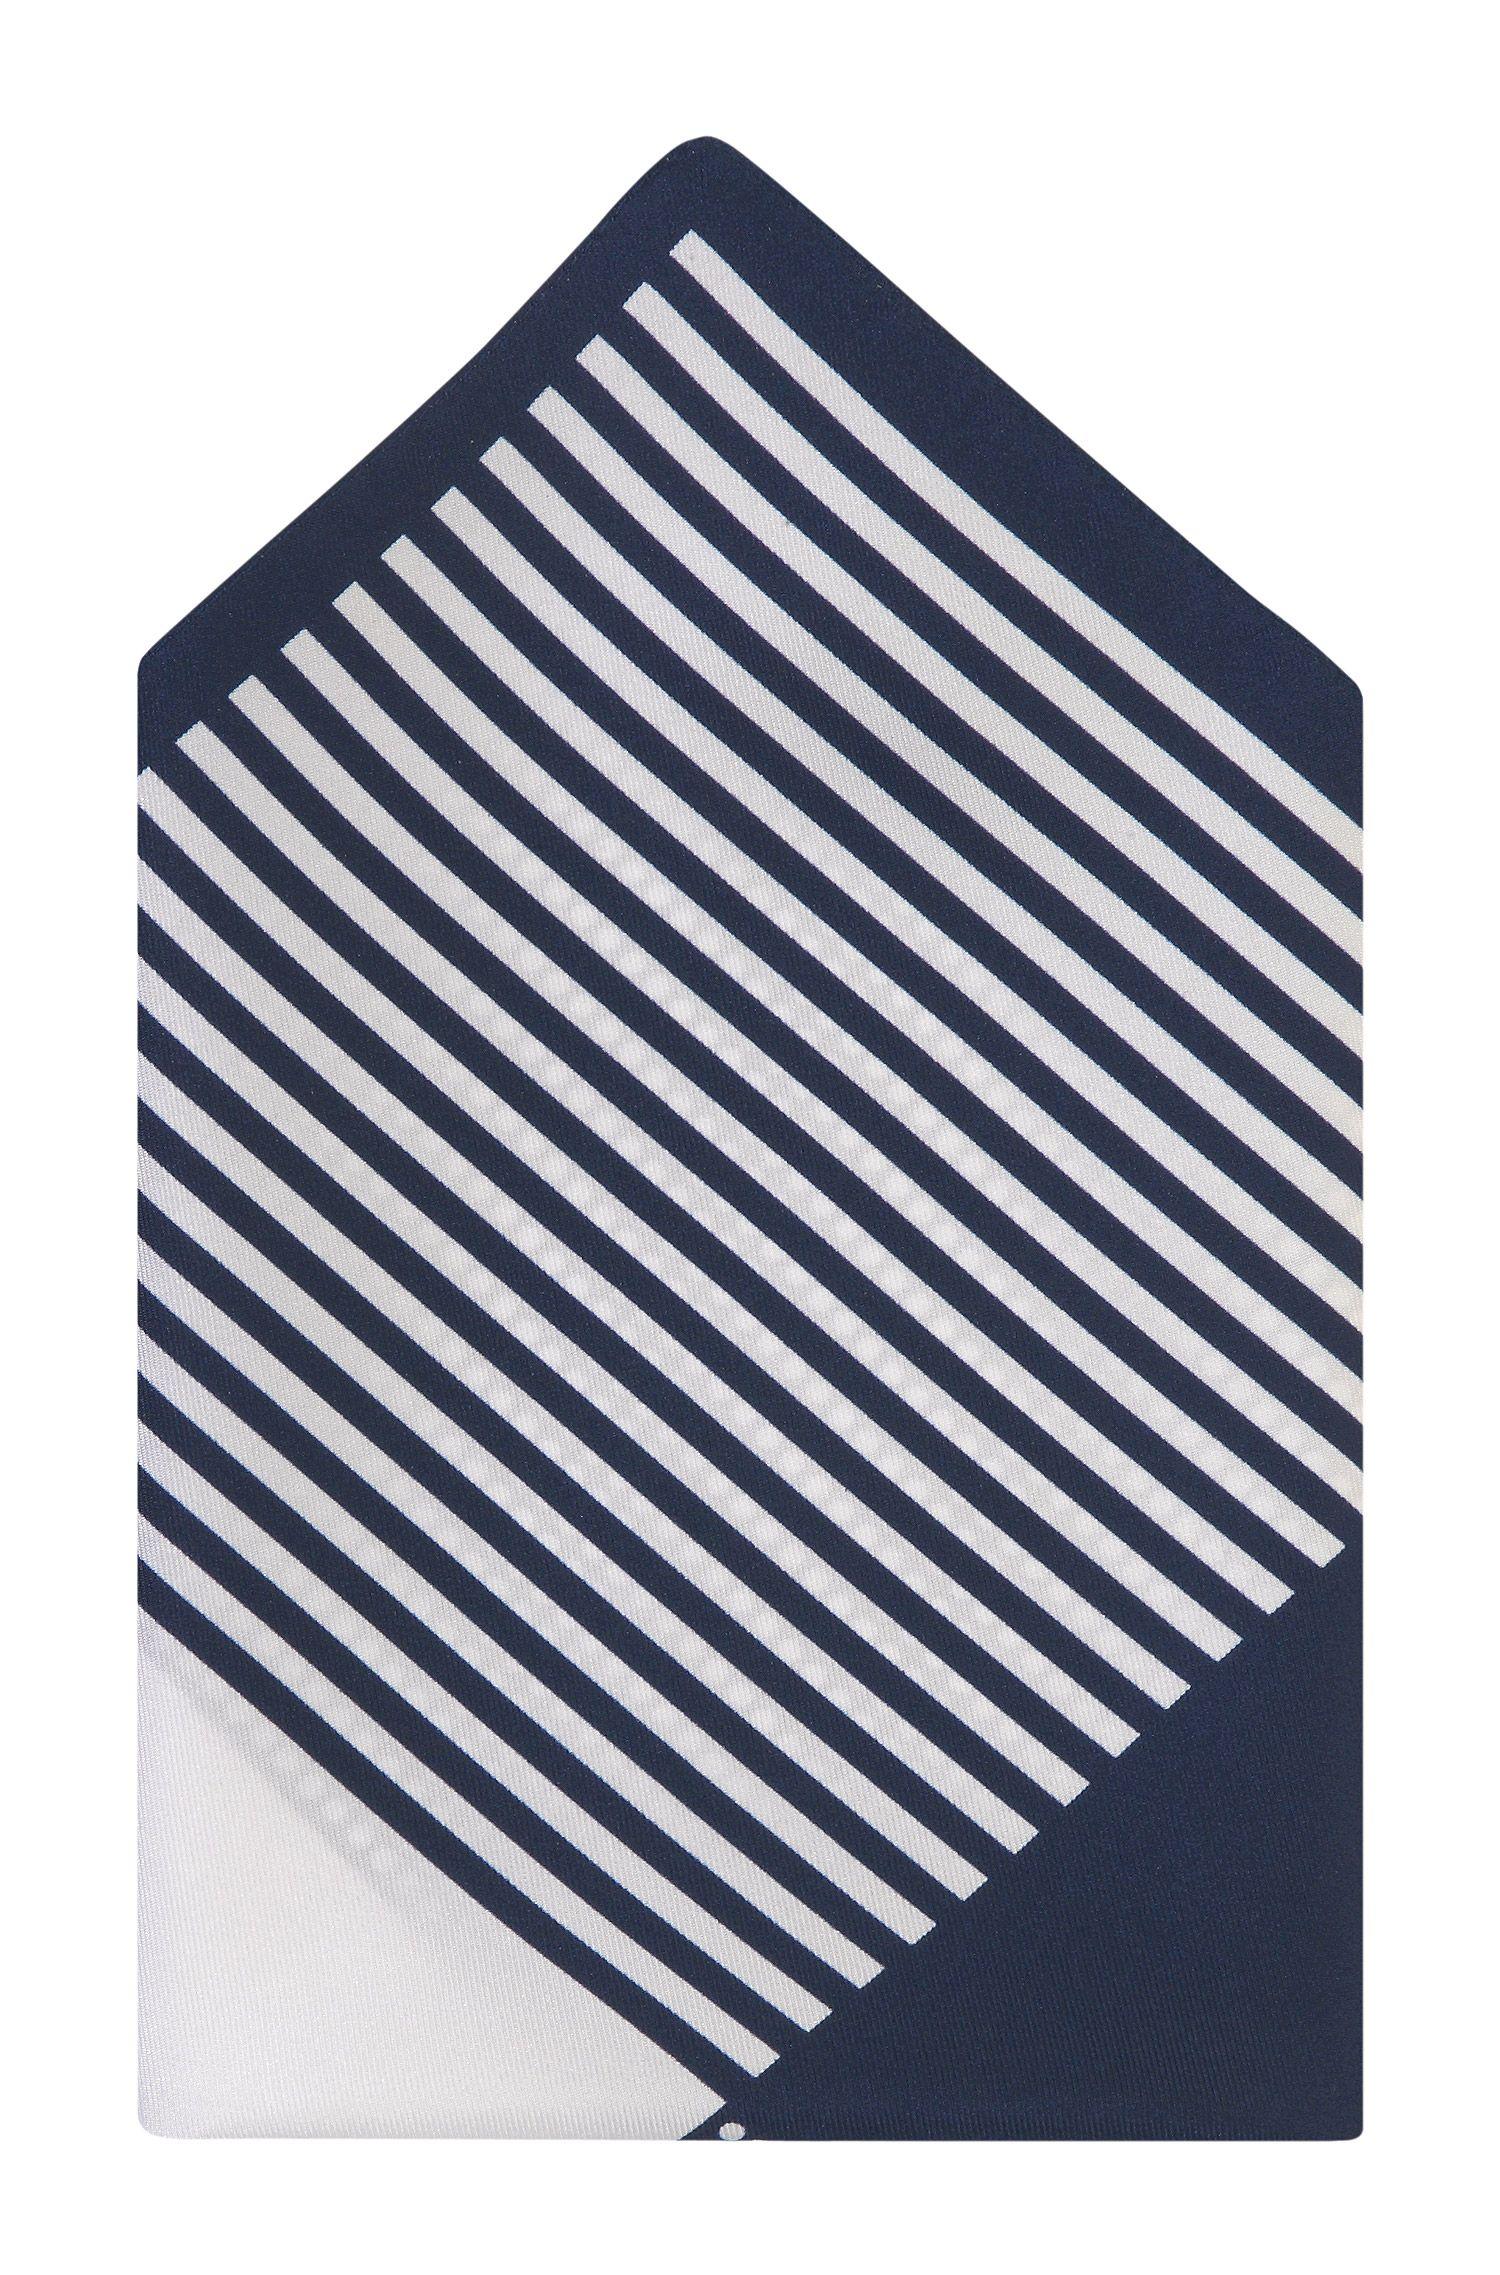 Einstecktuch ´Pocket square 33x33` aus Seide